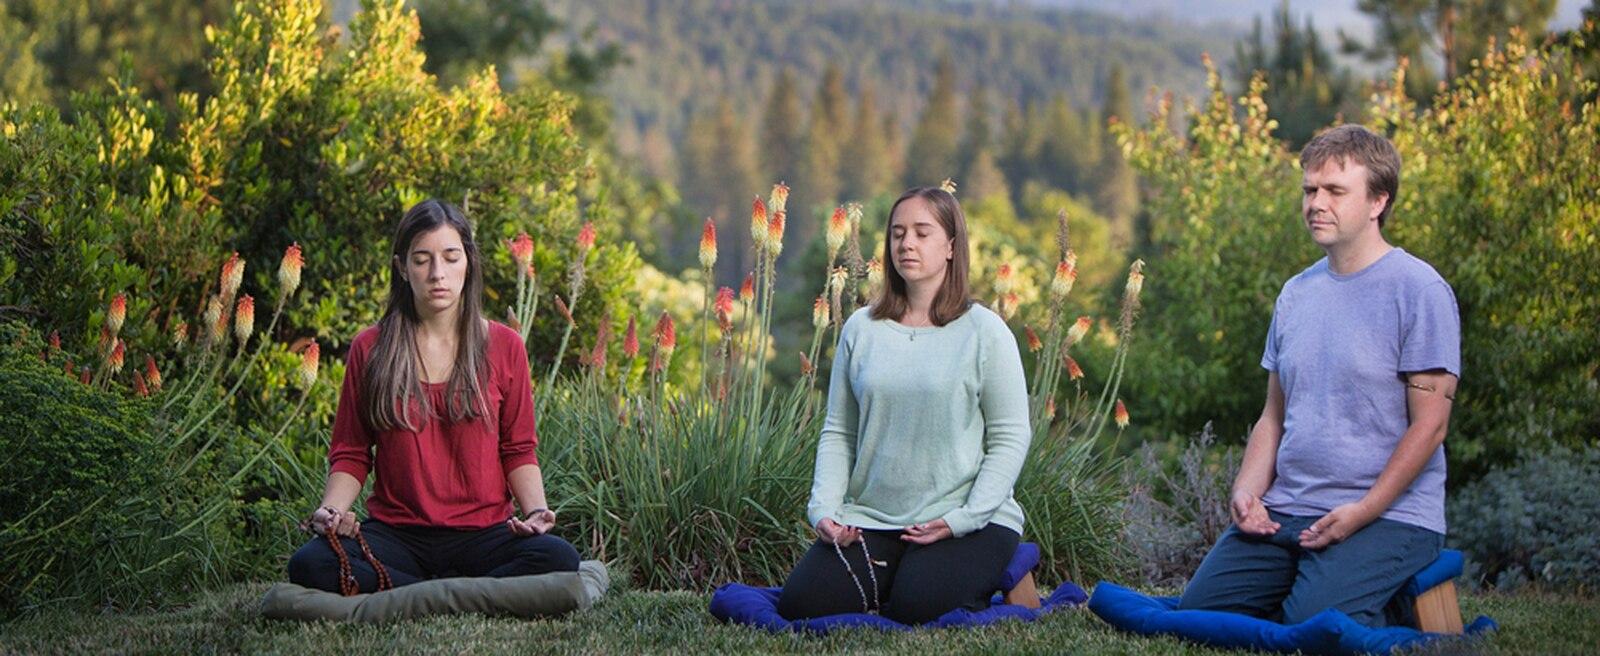 meditation on Zabuton